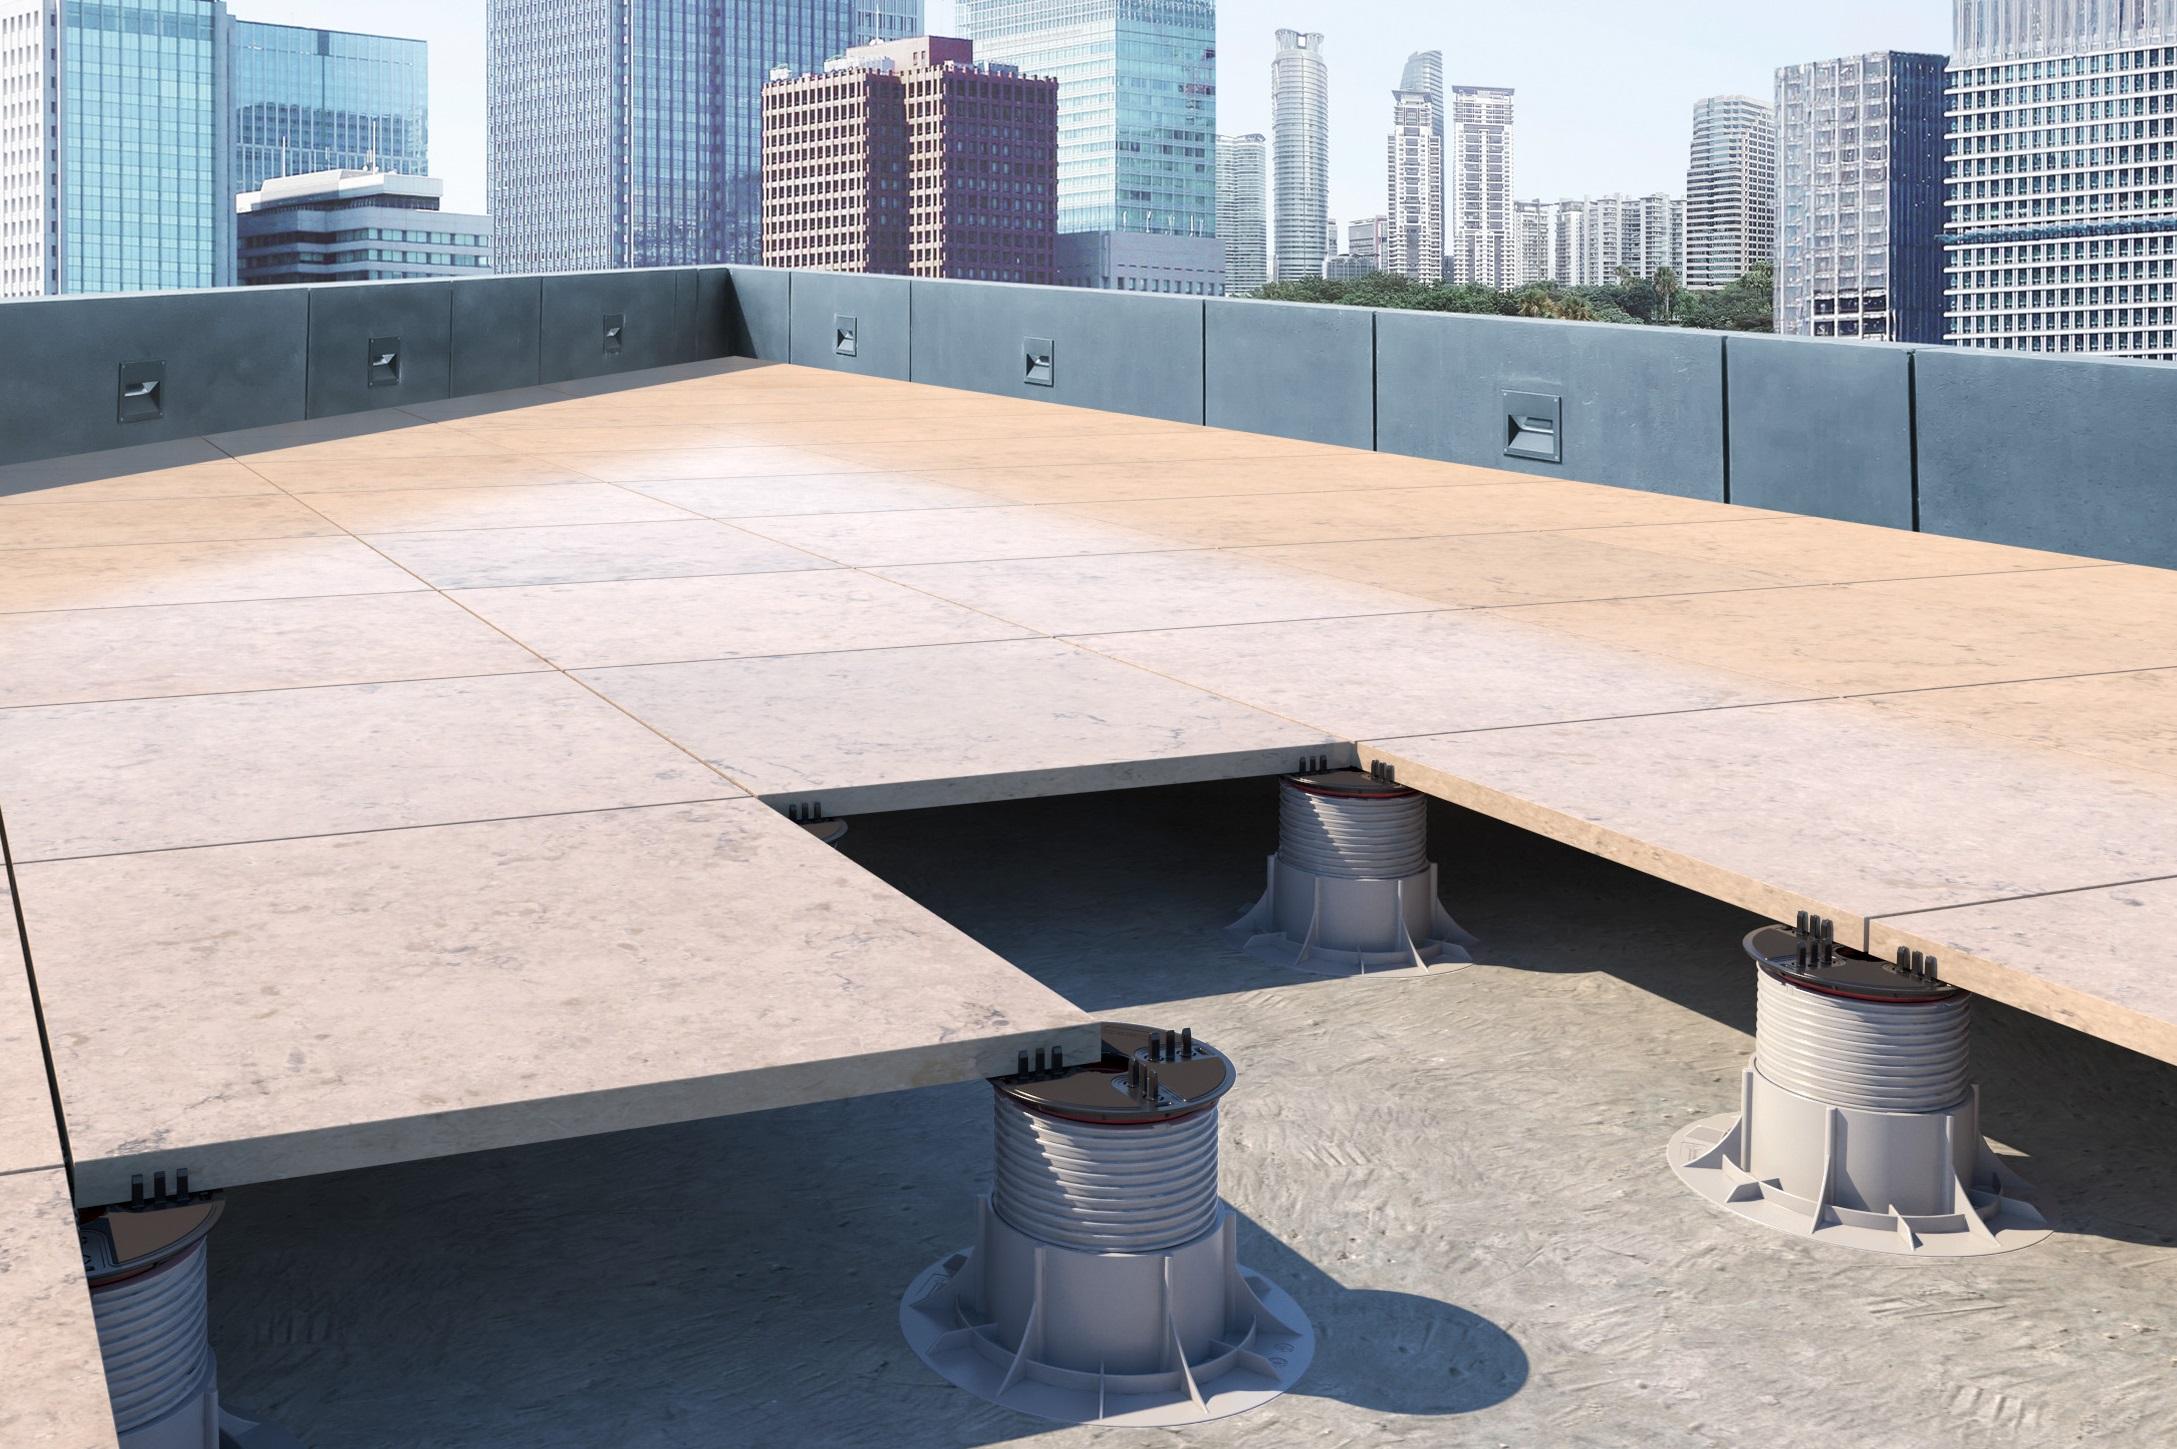 Stelzlager Terrassenplatten höhenverstellbar von 21 31mm